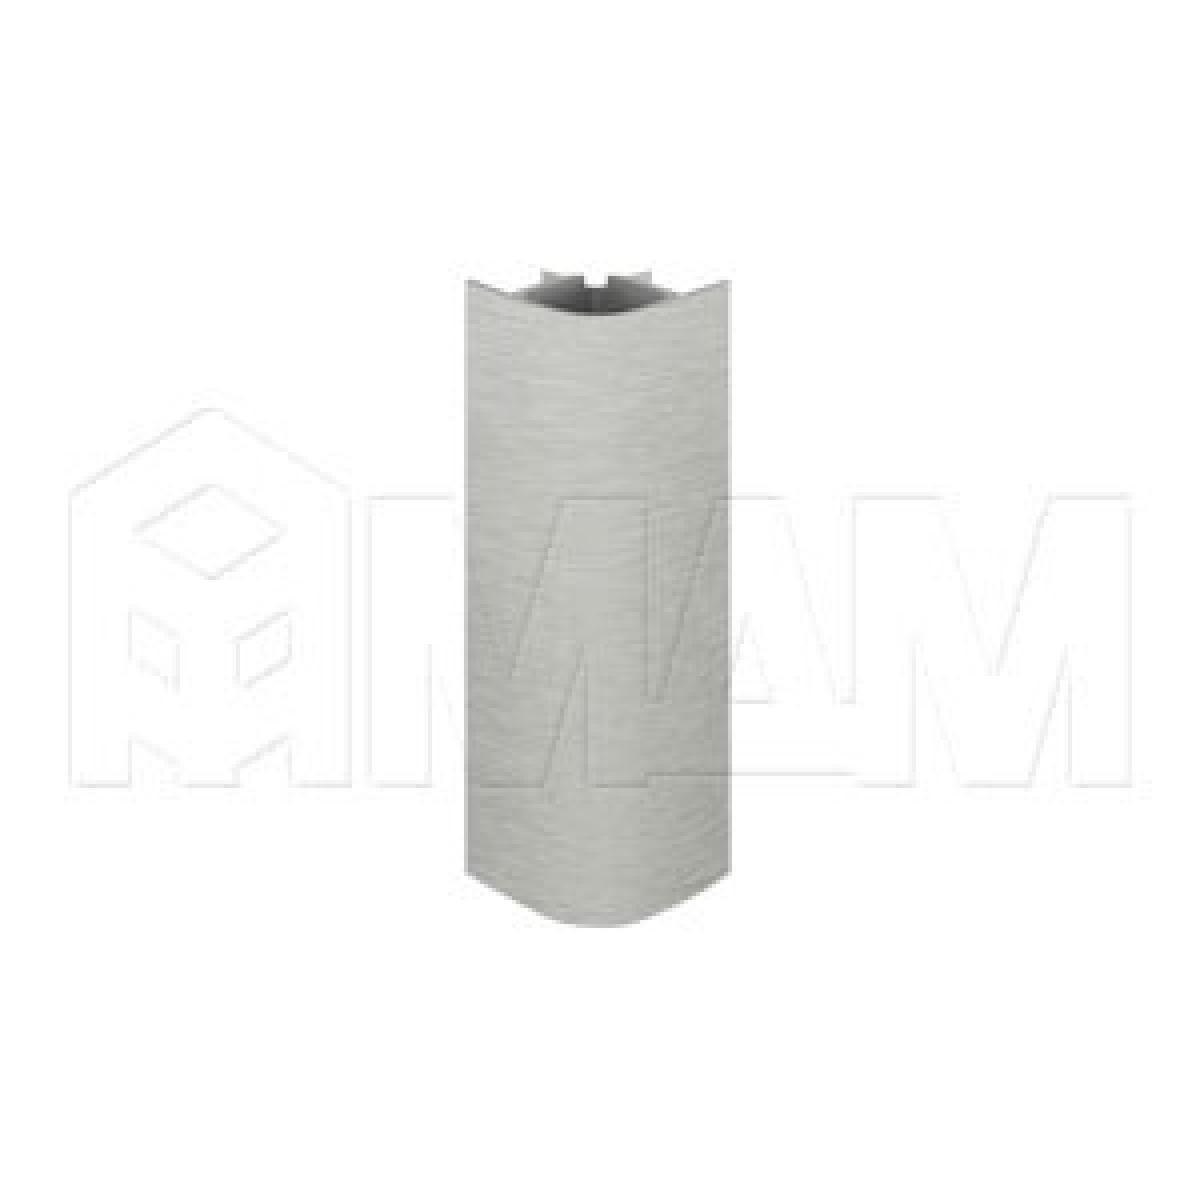 Цоколи пластиковые - Уголок 90 градусов (высота 120), нержавеющая сталь